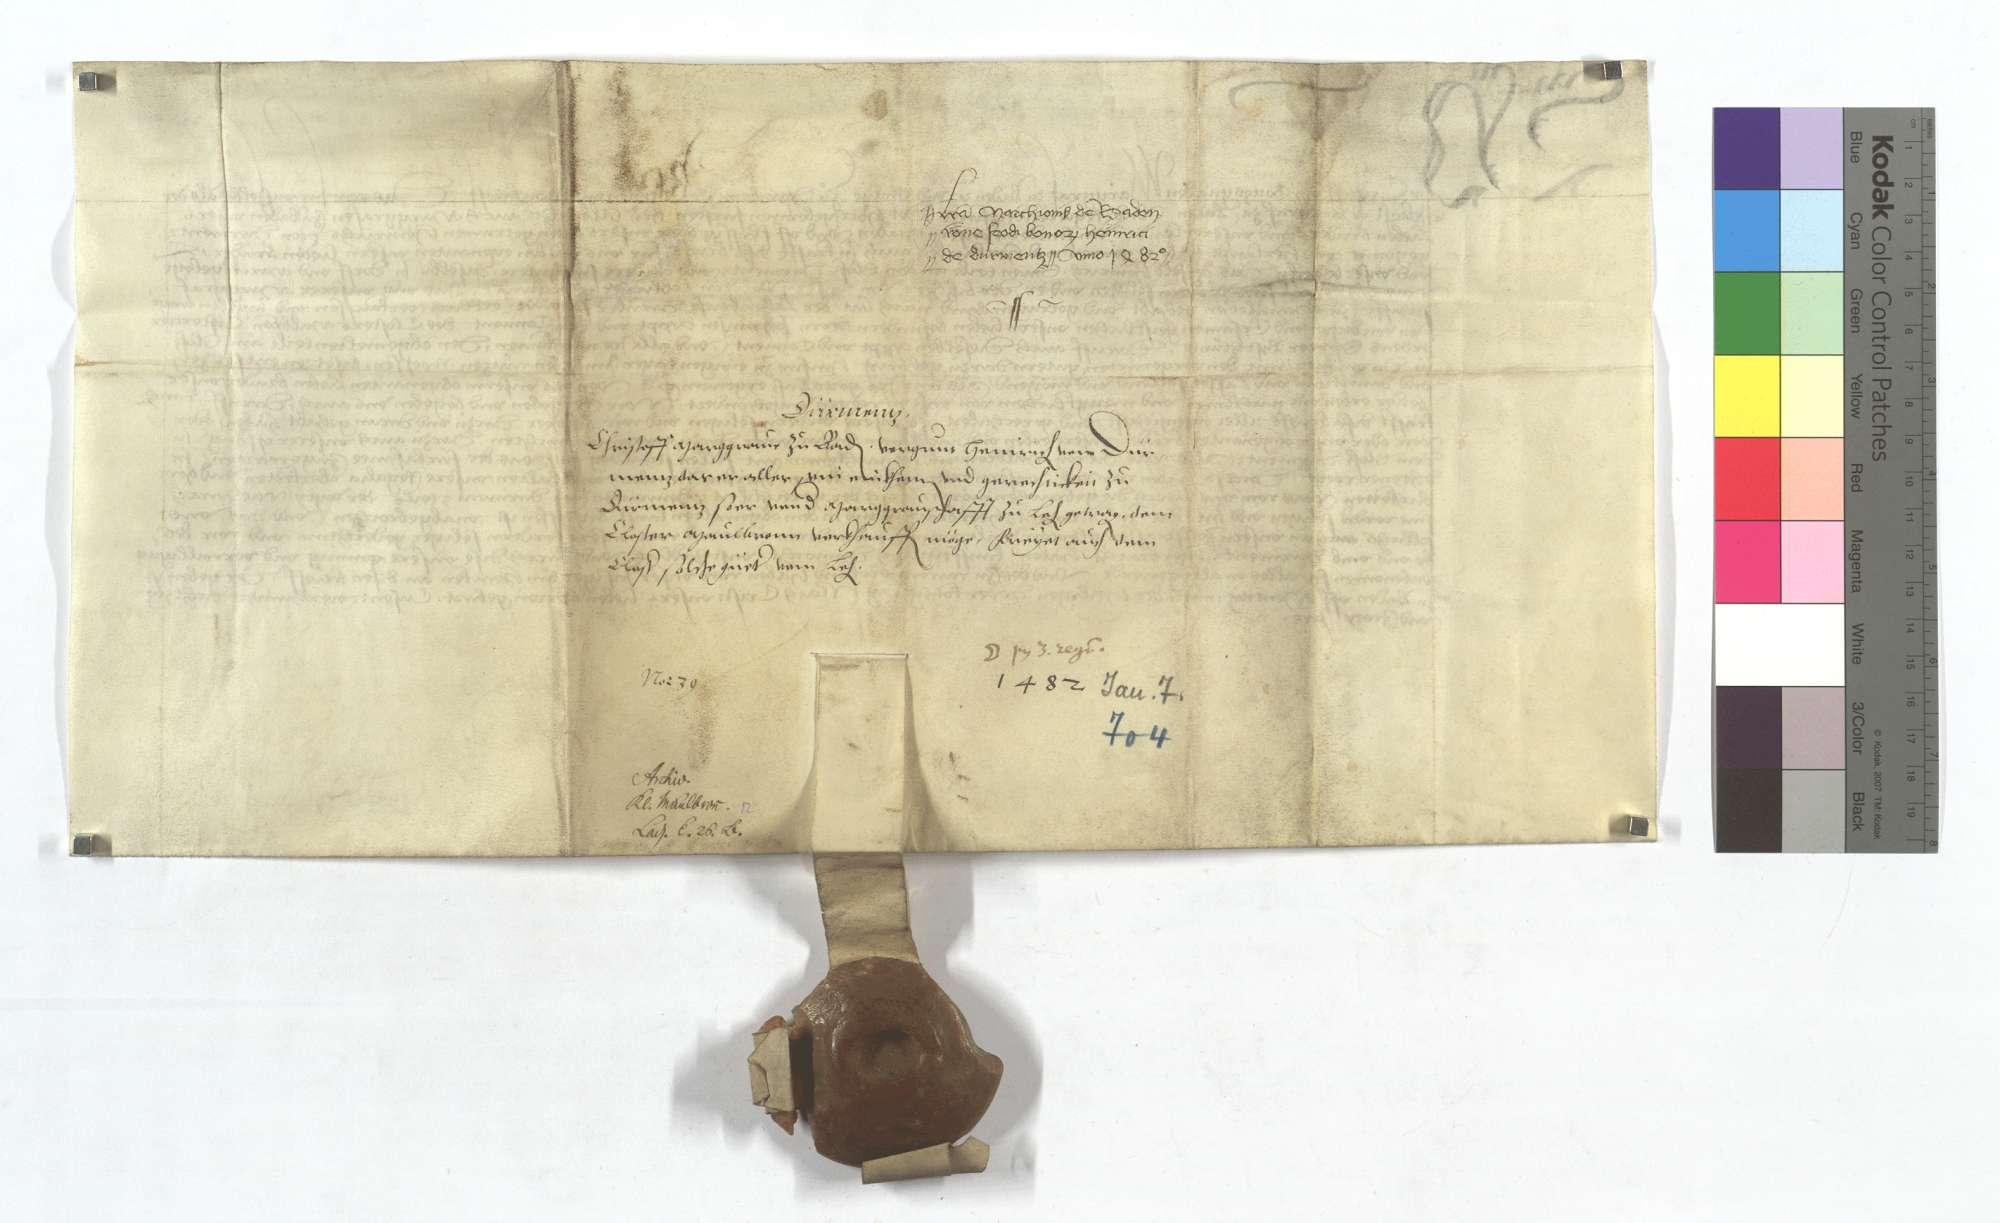 Markgraf Christoph von Badens Bewilligung für Heinrich von Dürrmenz, seine ihm zu Lehen habende Gerechtsame und Güter in Dürrmenz dem Kloster Maulbronn zu verkaufen sowie die Freiung derselben Güter., Rückseite